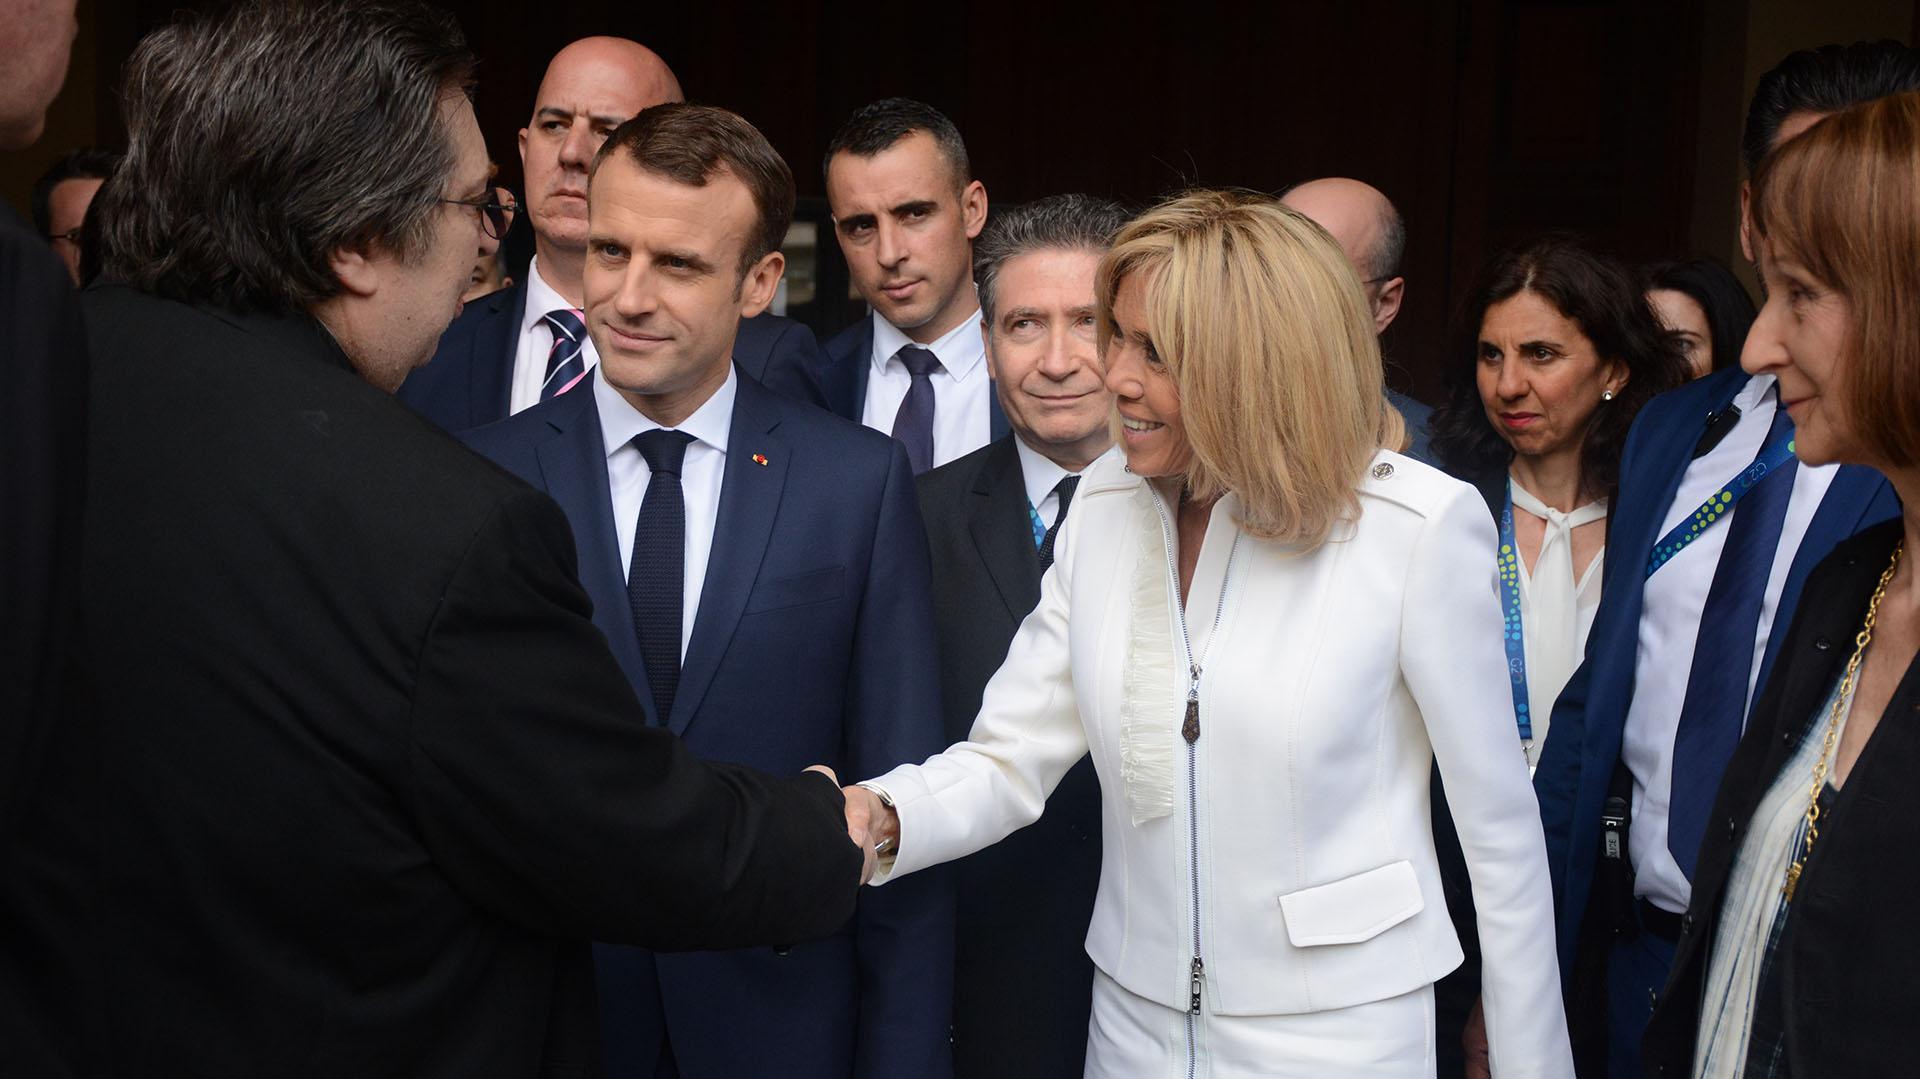 Macron y su esposa Brigite recorrieron distintos lugares de la ciudad de Buenos Aires en la previa del G20